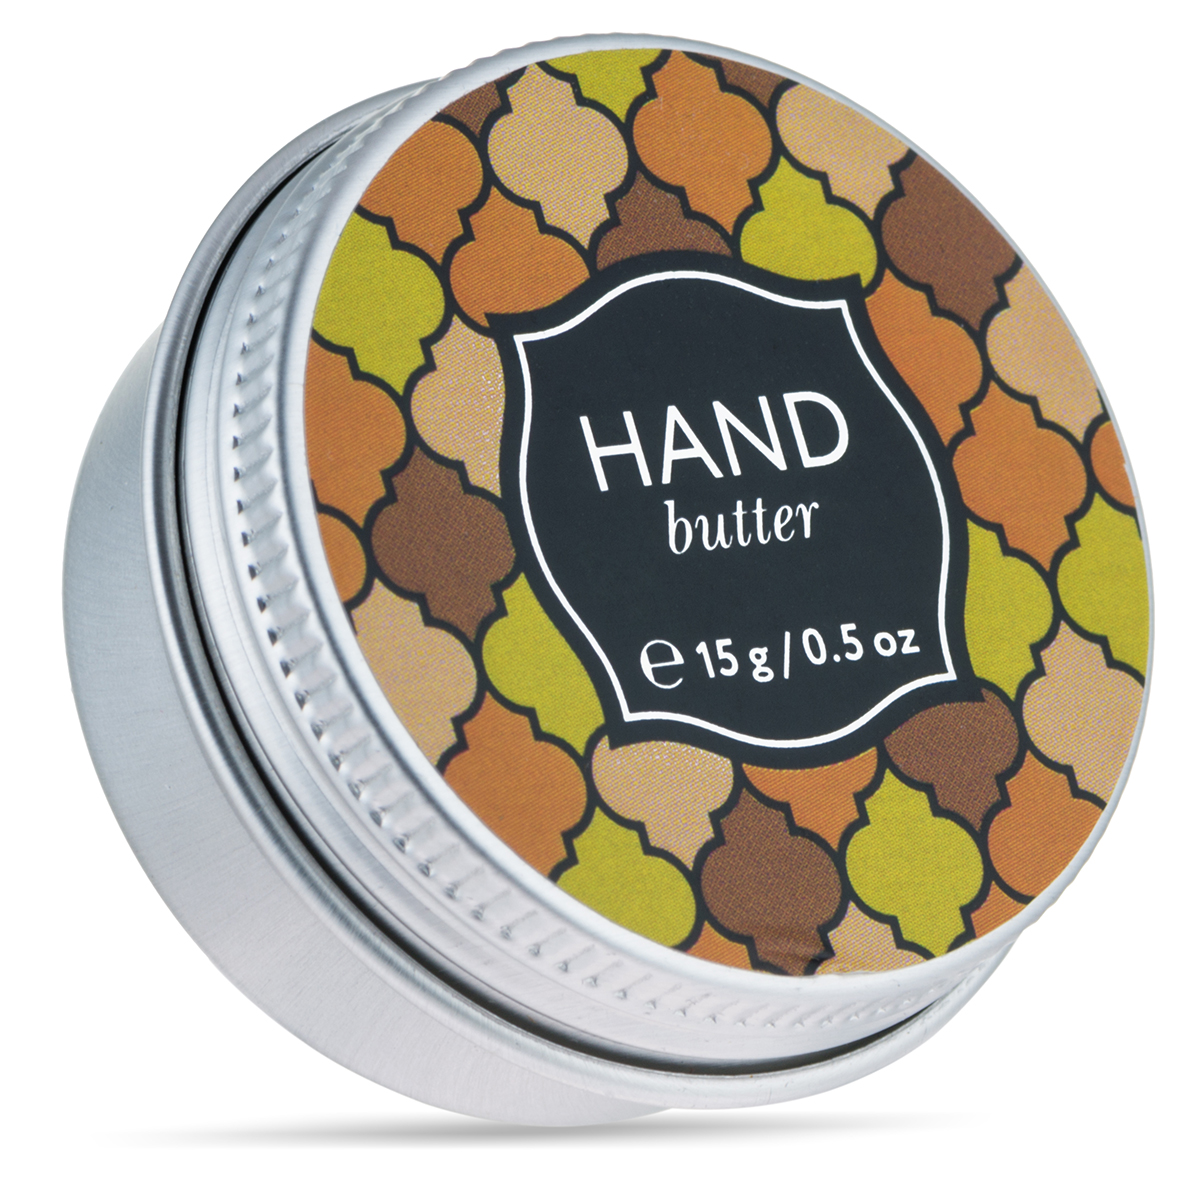 Huilargan Крем - масло для рук, увлажняющий, 15 г2000000003832Увлажняющий крем обладает легкойтекстурой. Действие: быстро восстанавливает даже грубую кожу рук; активнопитает; защищает от воздействия окружающей среды; обладает эффектом длительно увлажнения.